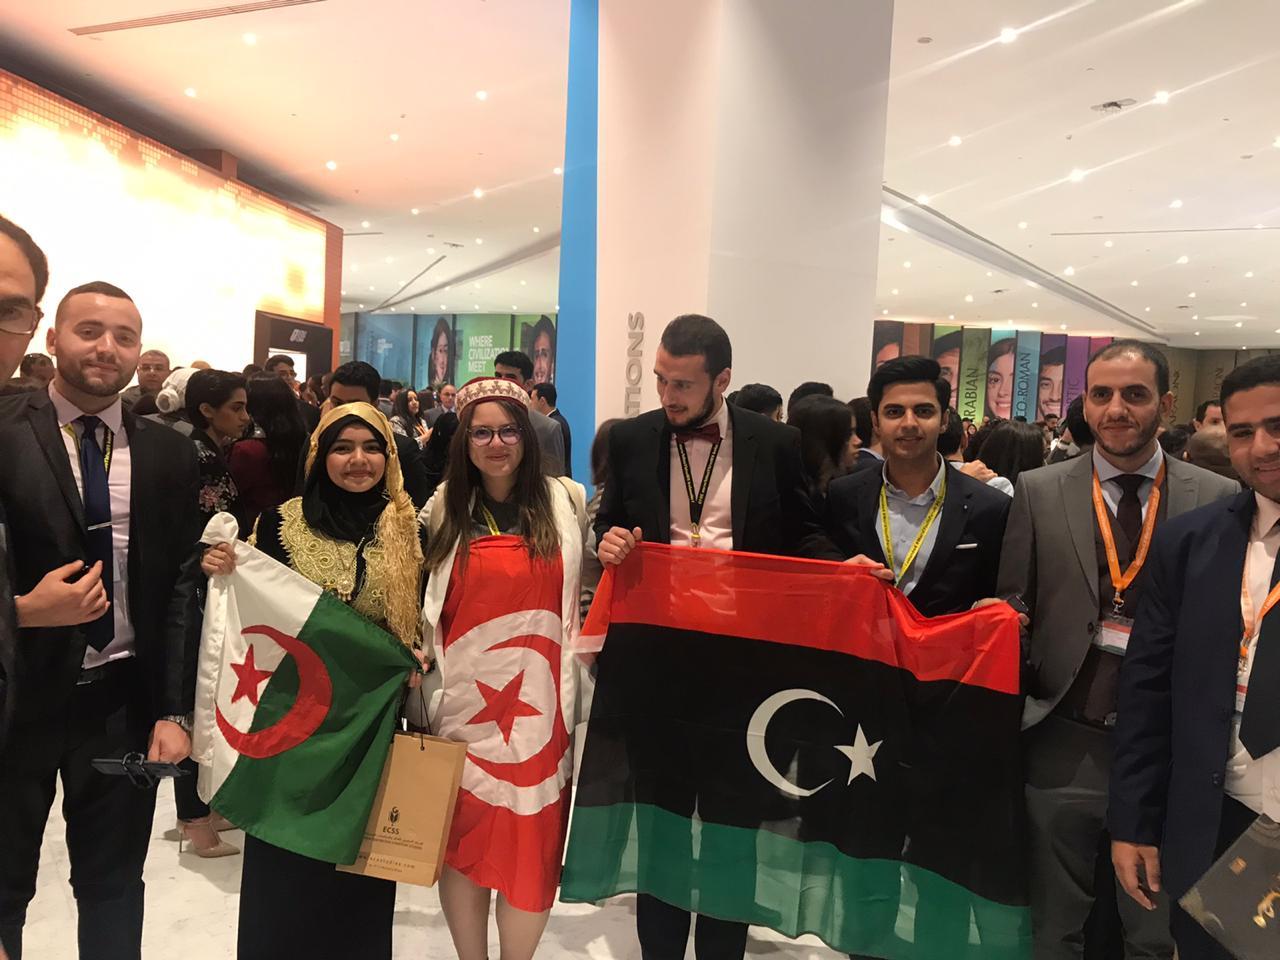 أعلام مختلفة ترفع داخل البهو الرئيسي لحفل افتتاح منتدى شباب العالم